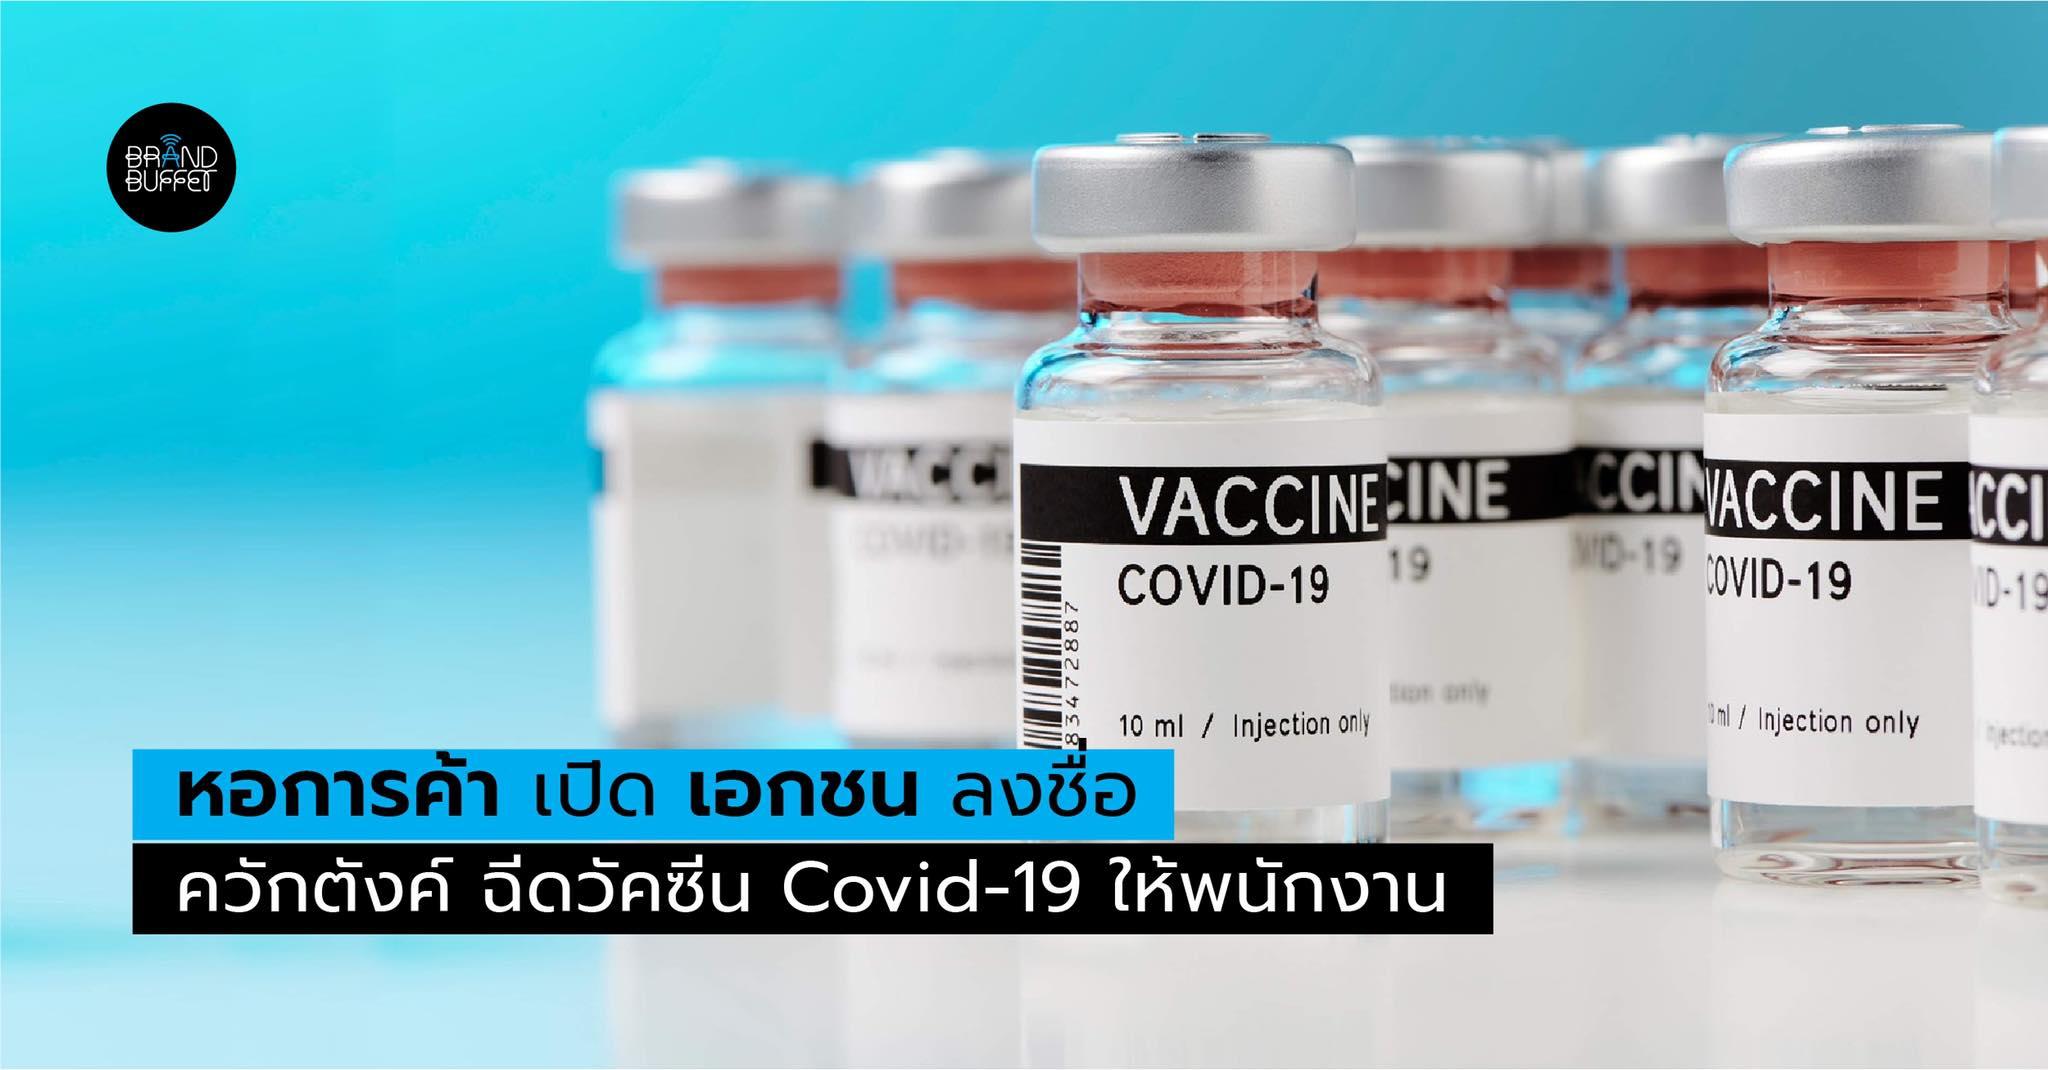 """""""หอการค้า"""" เปิดให้บริษัทเอกชนแจ้งจองซื้อวัคซีนโควิด-19 ฉีดให้พนักงาน คาดยอด 10-15 ล้านโดส"""